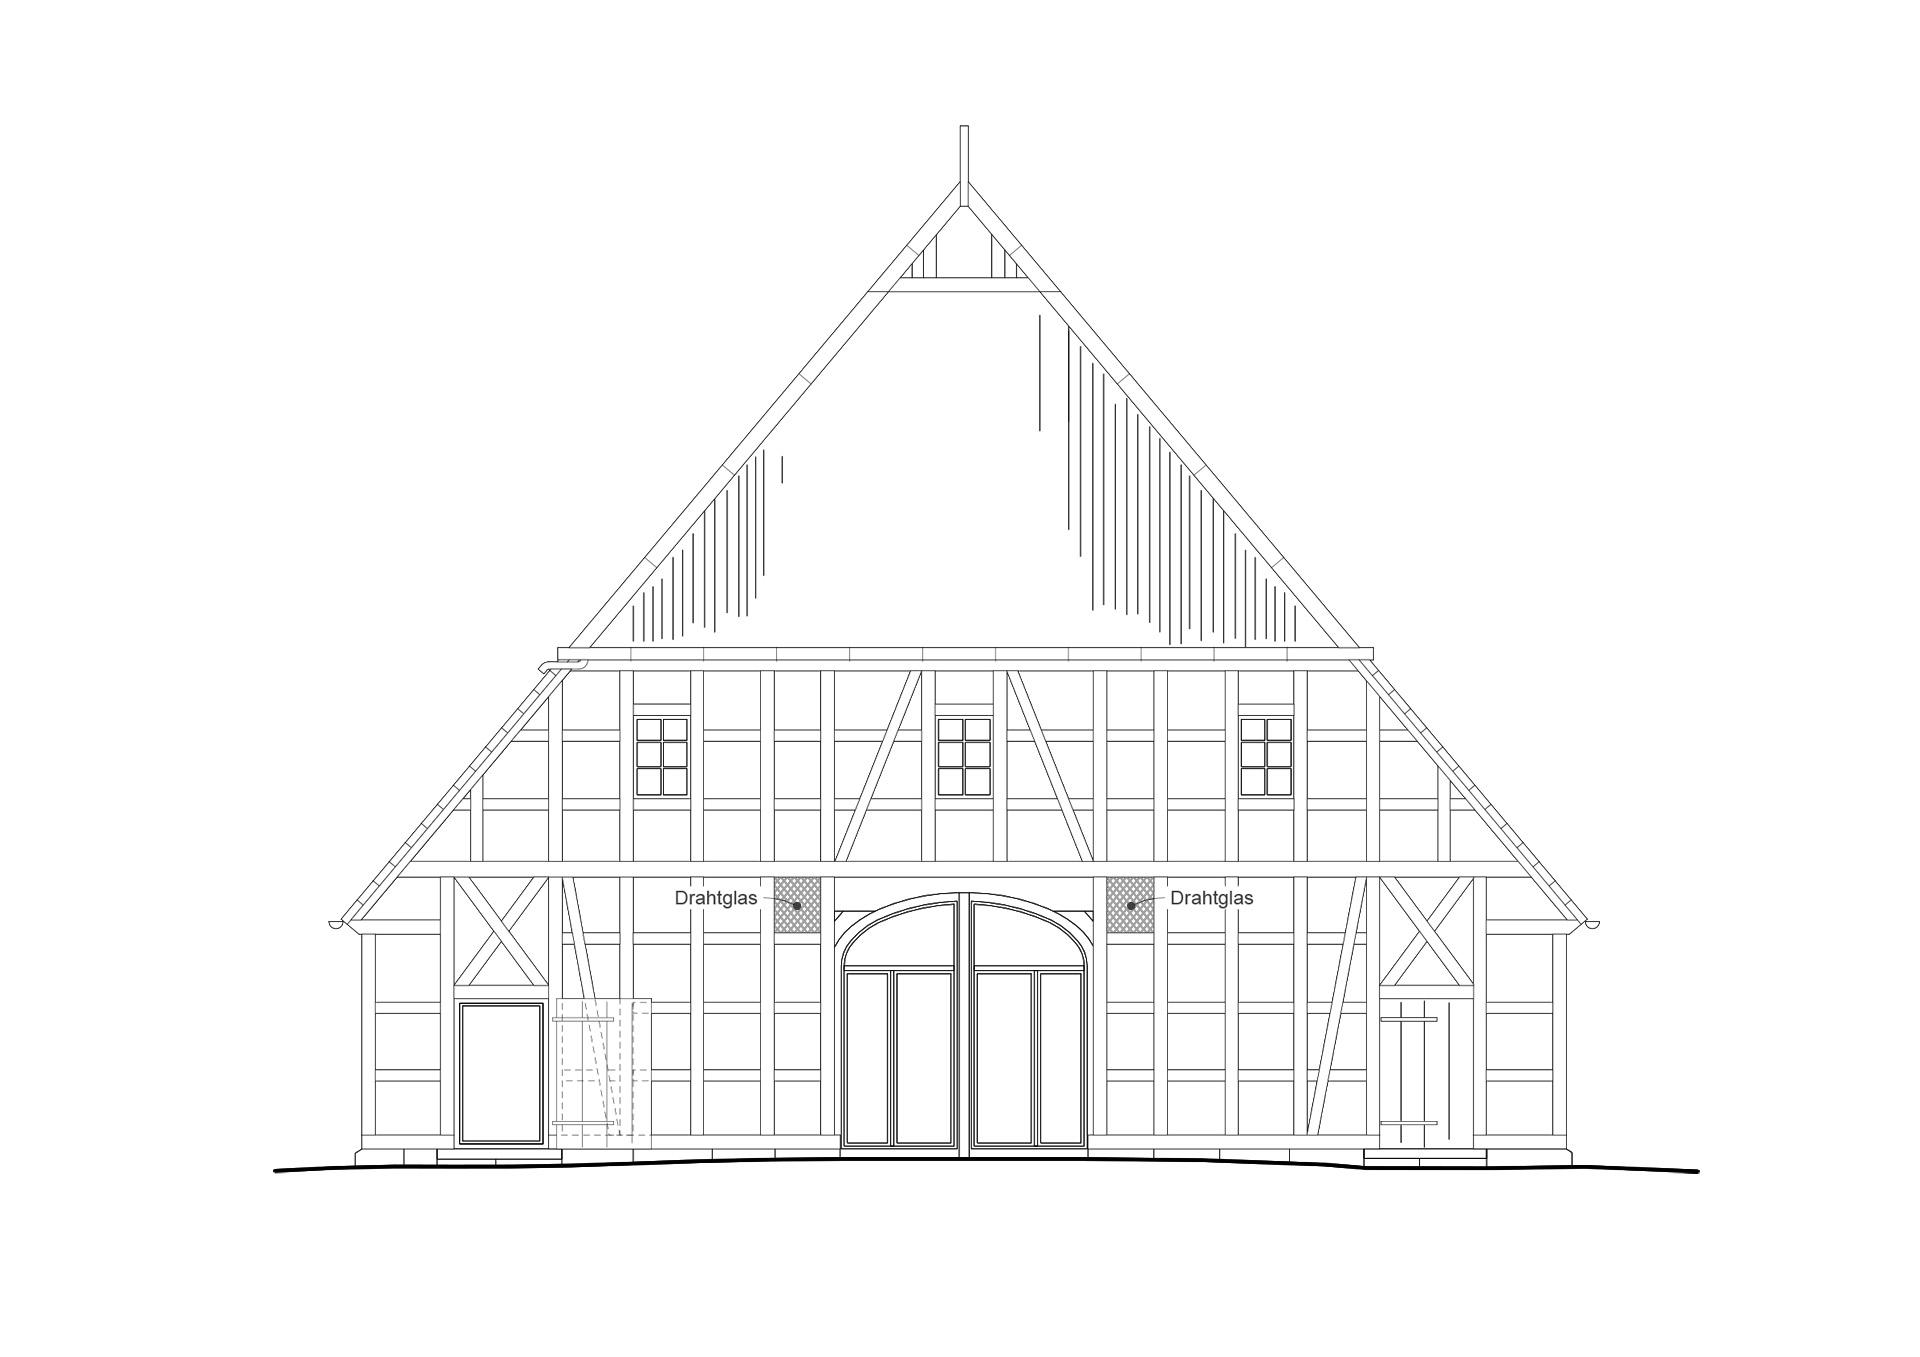 Bild von pablo baugestaltung zeigt die Vorderansicht des Bauernhauses Juergenstorf